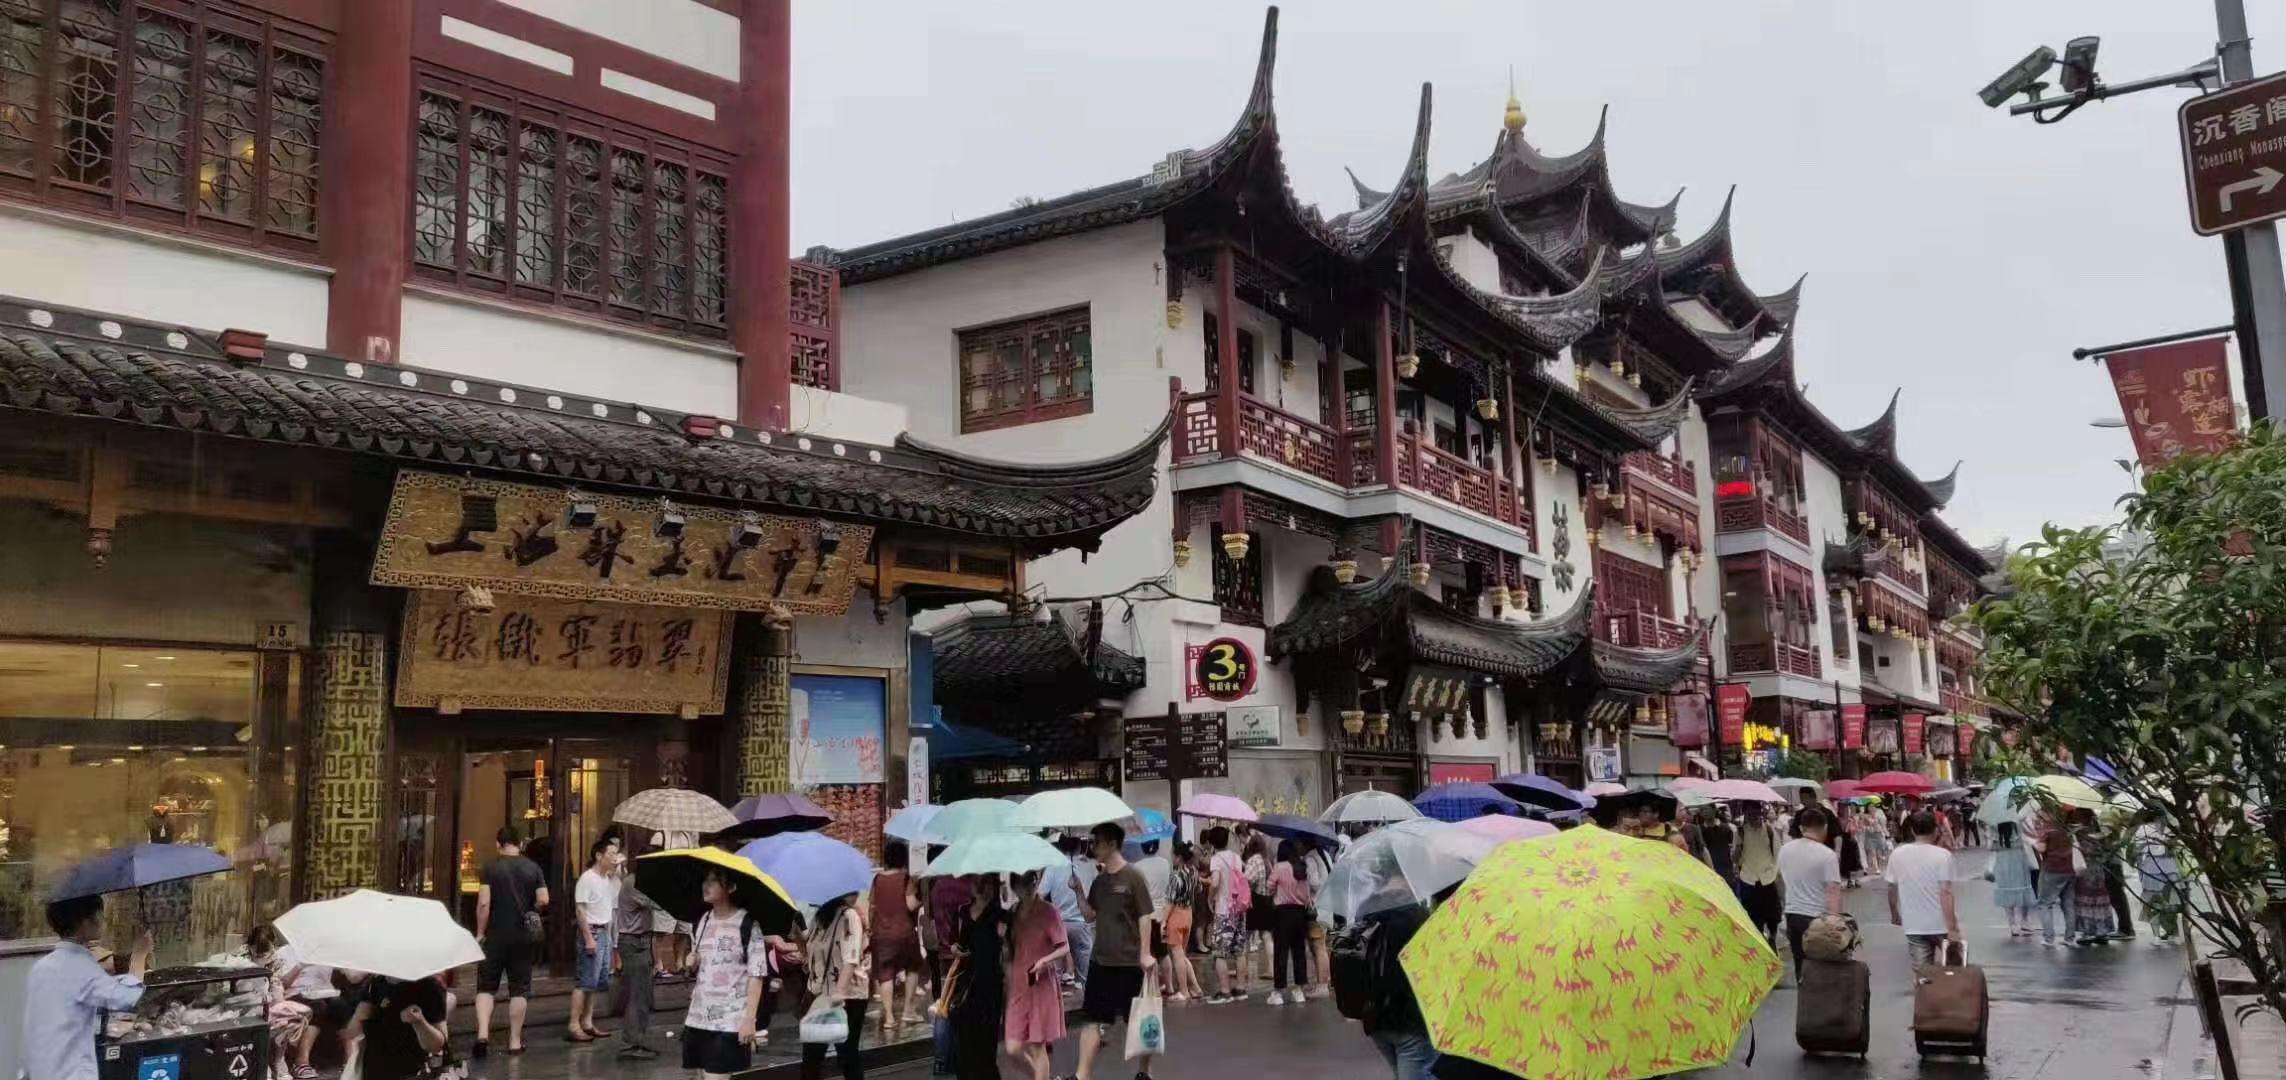 豫园城隍庙美食街小吃店铺出租 无转让费 重餐饮不限